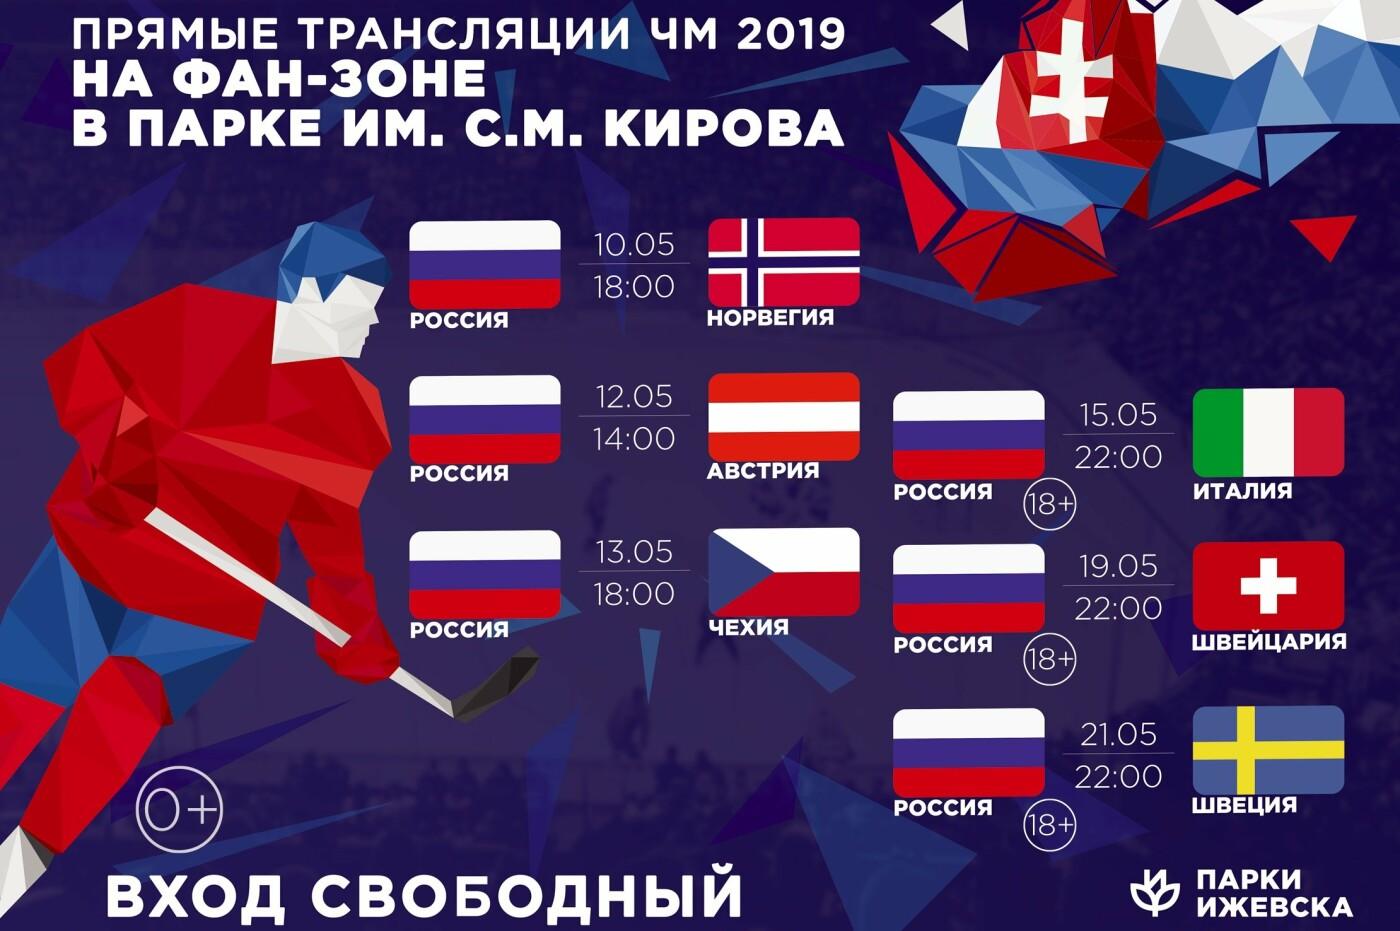 Расписание матчей чемпионата мира по хоккею, фото-1